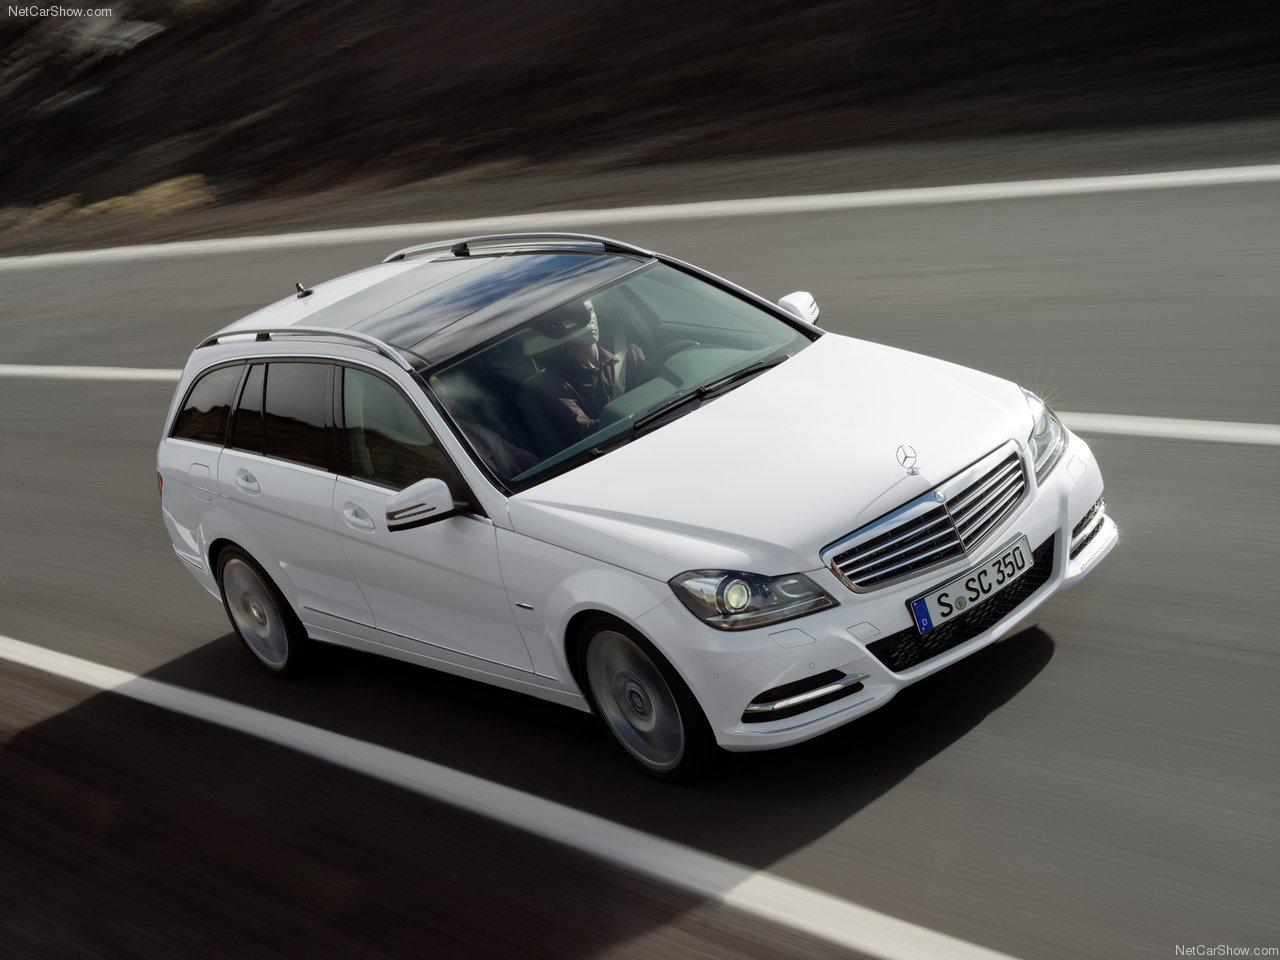 http://2.bp.blogspot.com/_lsyt_wQ2awY/TRL02akY0kI/AAAAAAACIWw/pPmLTs7rkyk/s1600/Mercedes-Benz-C-Class_2012_1280x960_wallpaper_09.jpg